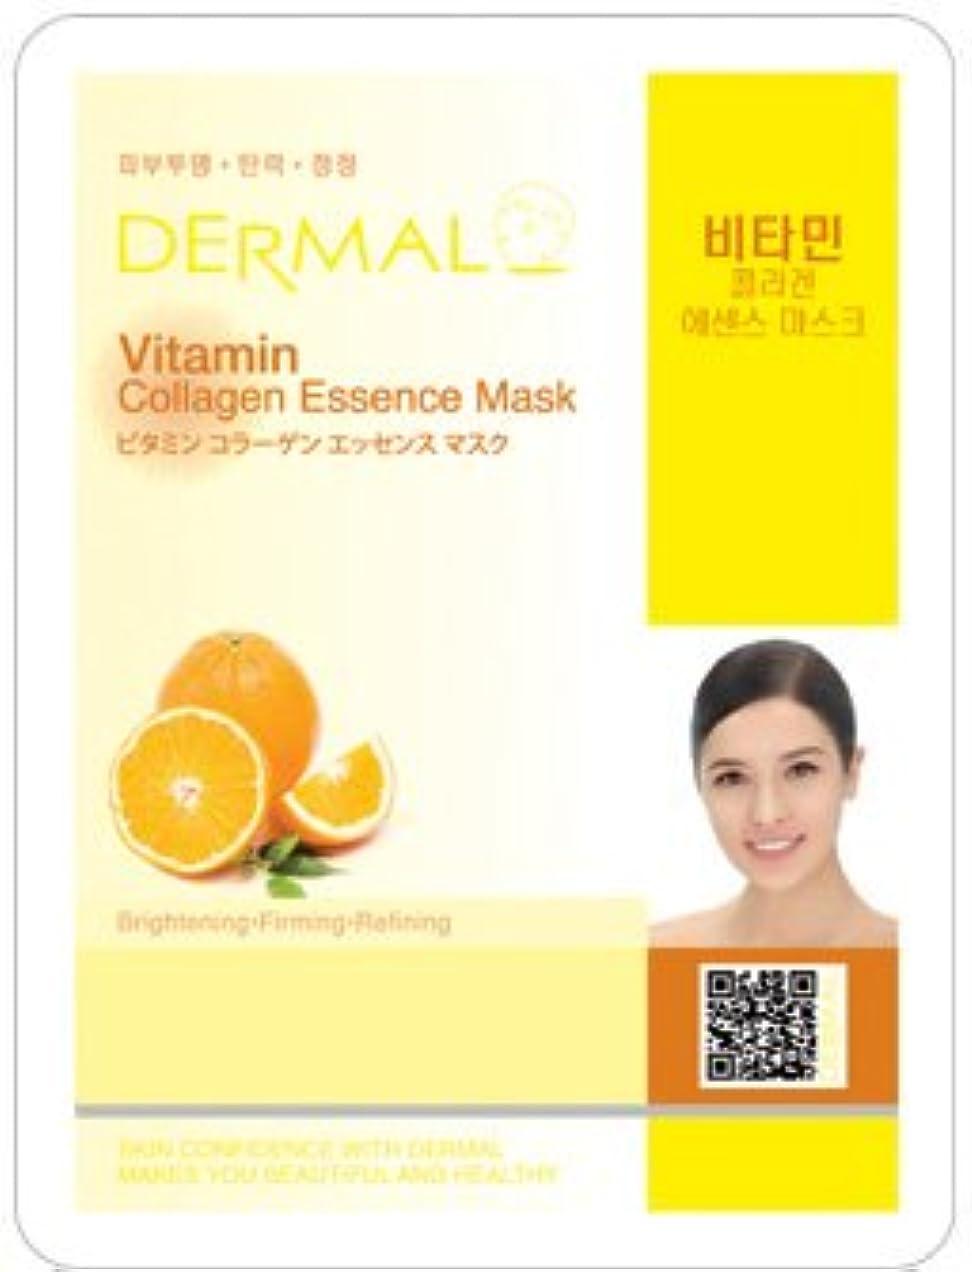 隣人創始者サバントシートマスク ビタミン 10枚セット ダーマル(Dermal) フェイス パック